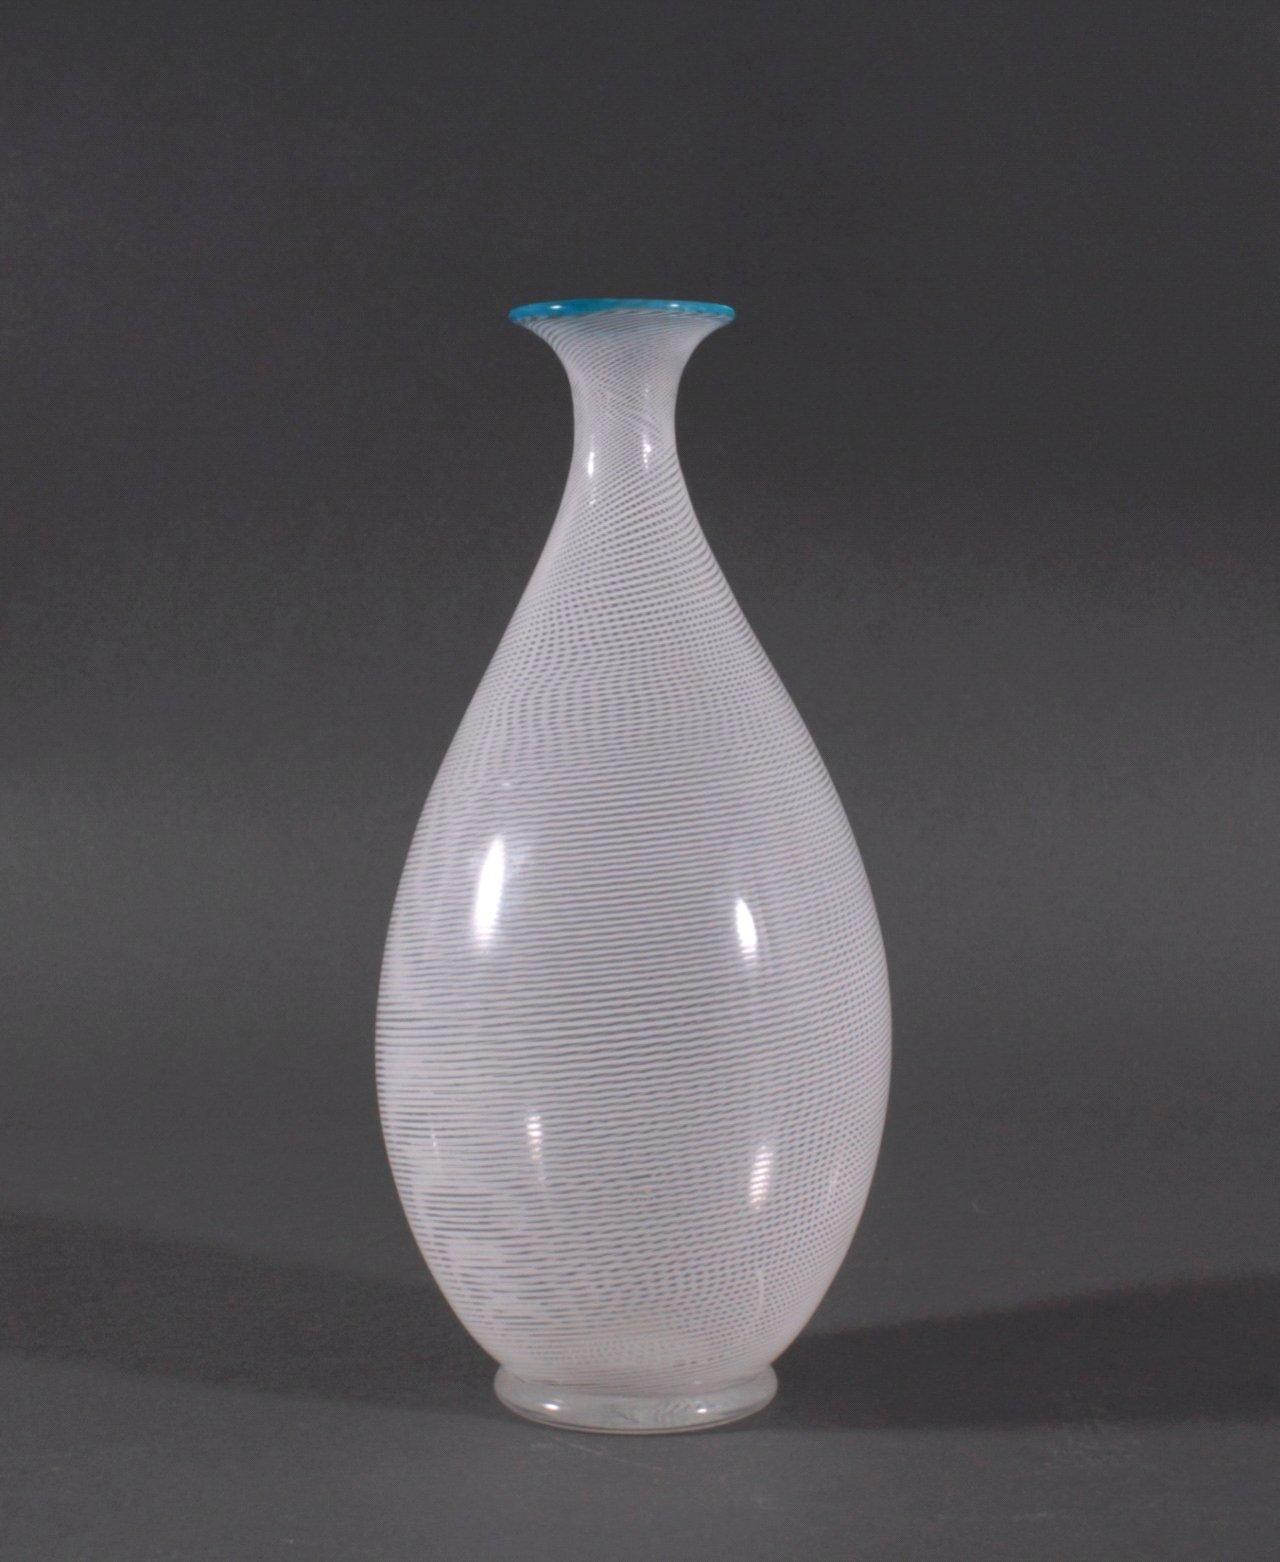 Vase, Barovier & Toso, Murano